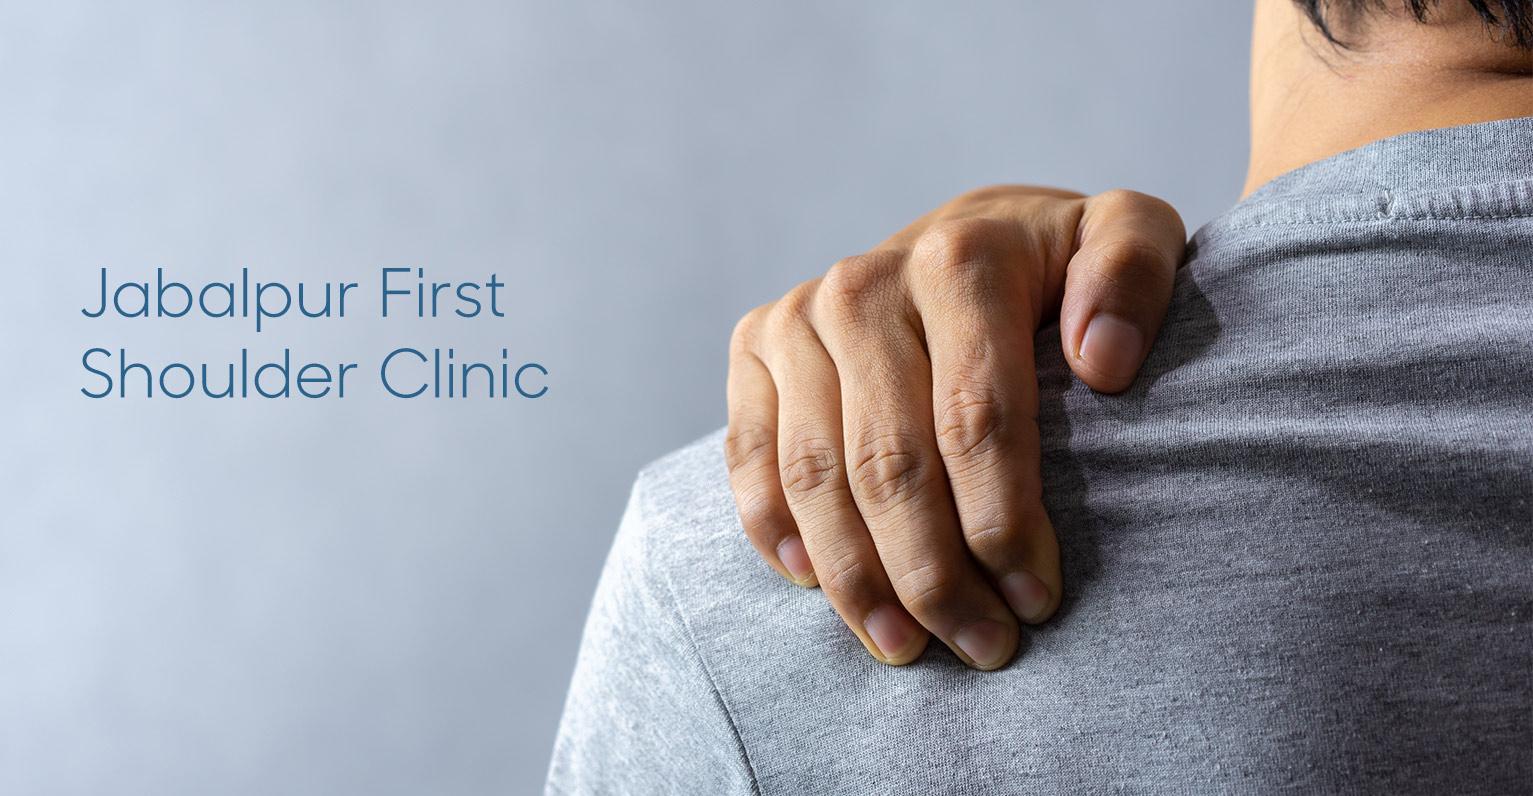 Jabalpur-First-Shoulder-Clinic